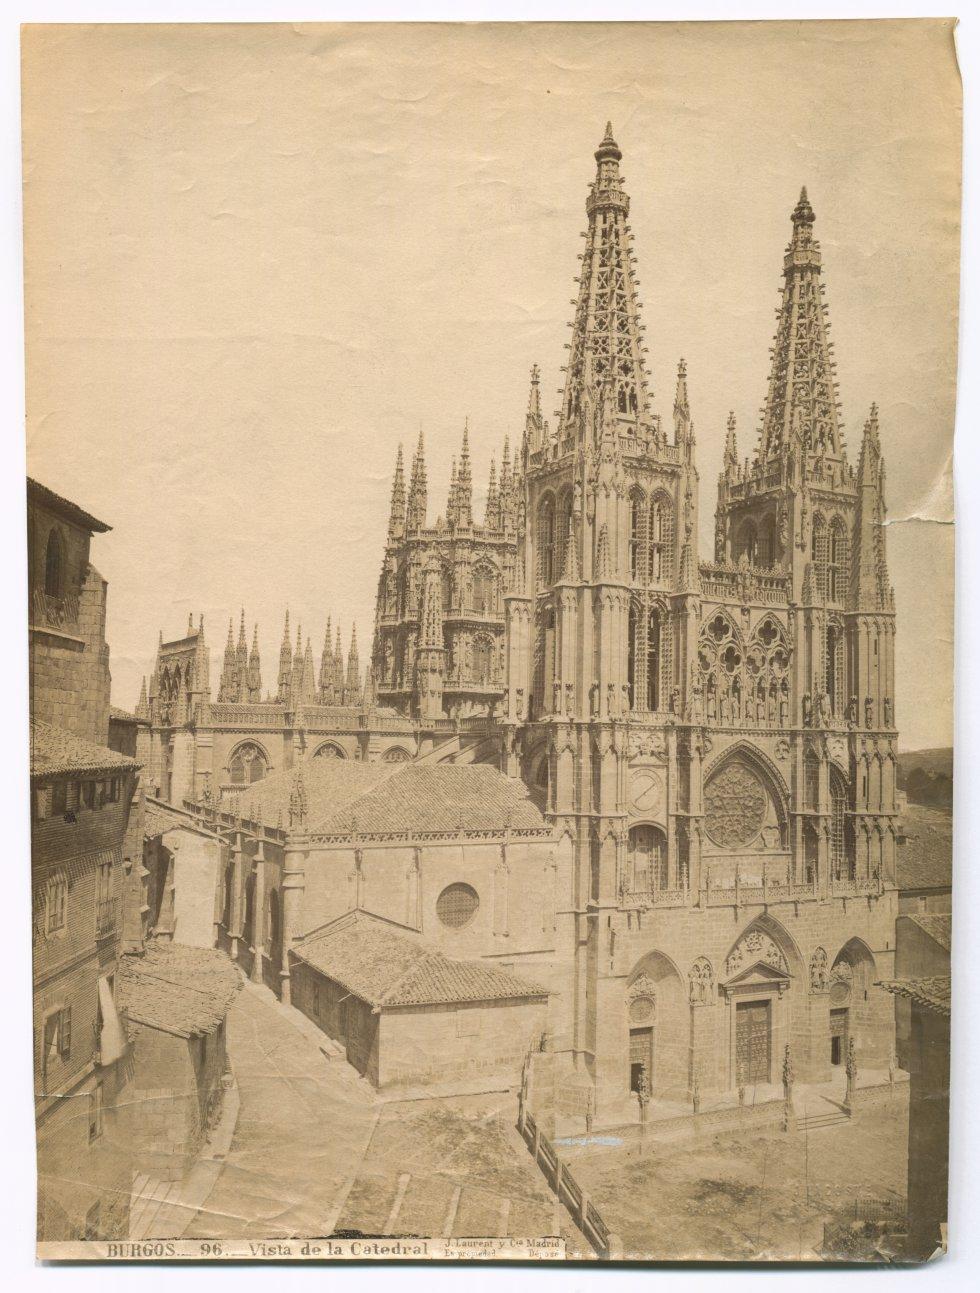 BURGOS._96._Vista de la Catedral. Museo Nacional del Teatro